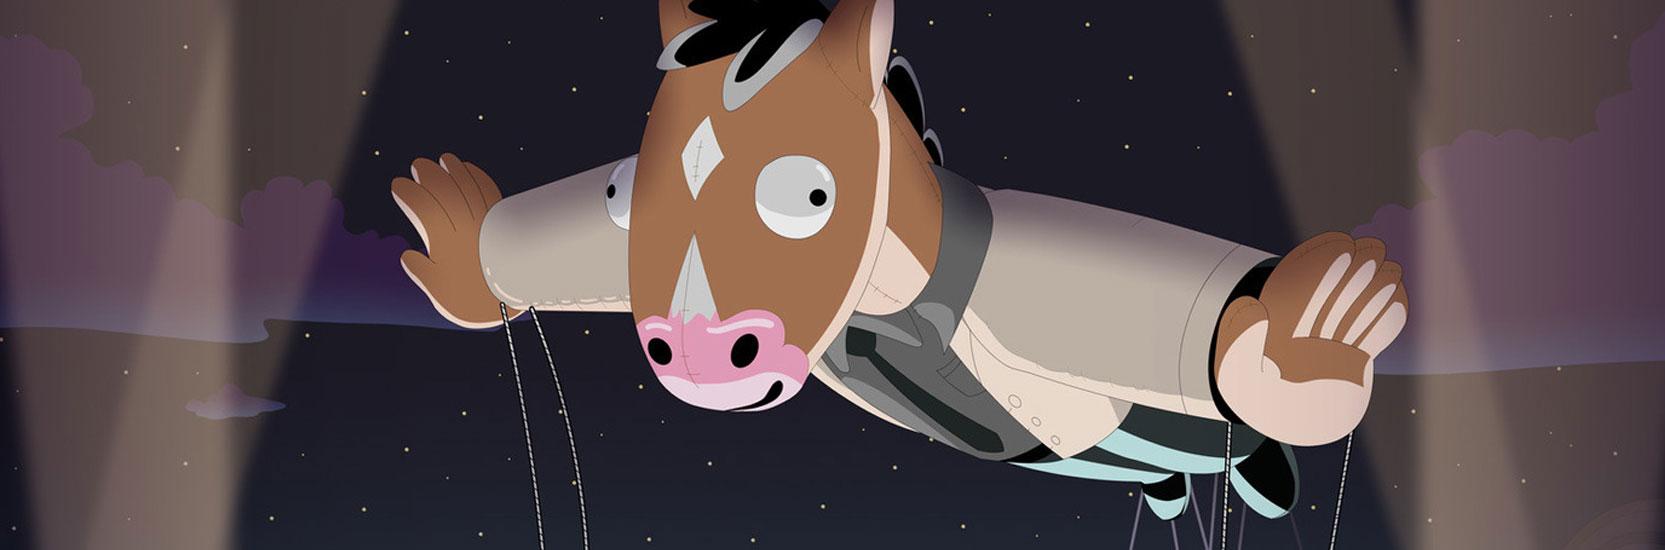 C'est le moment où jamaisde vous lancer dans «BoJack Horseman»!